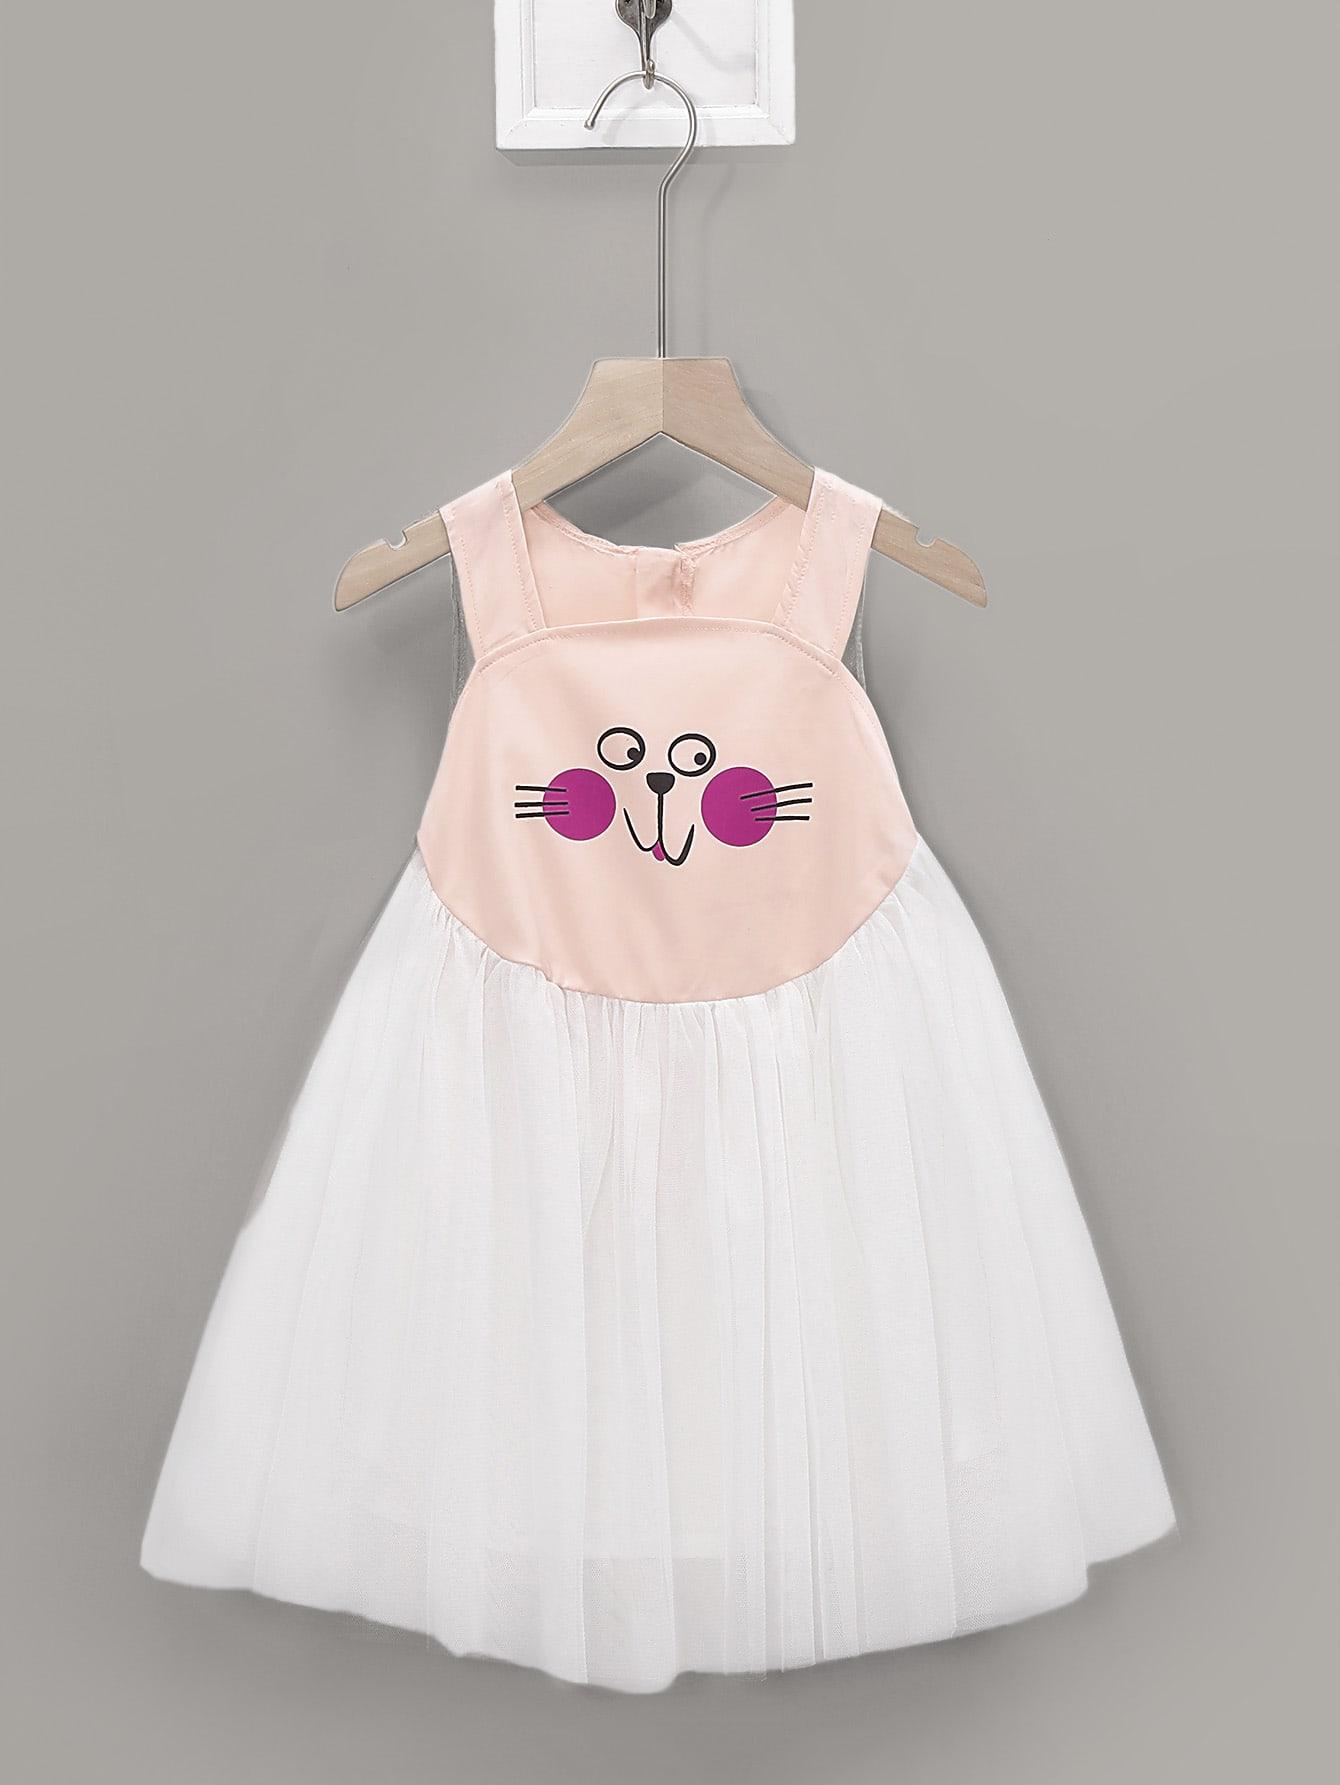 1d946edd6d Toddler Girls Cartoon Tutu Tank Dress